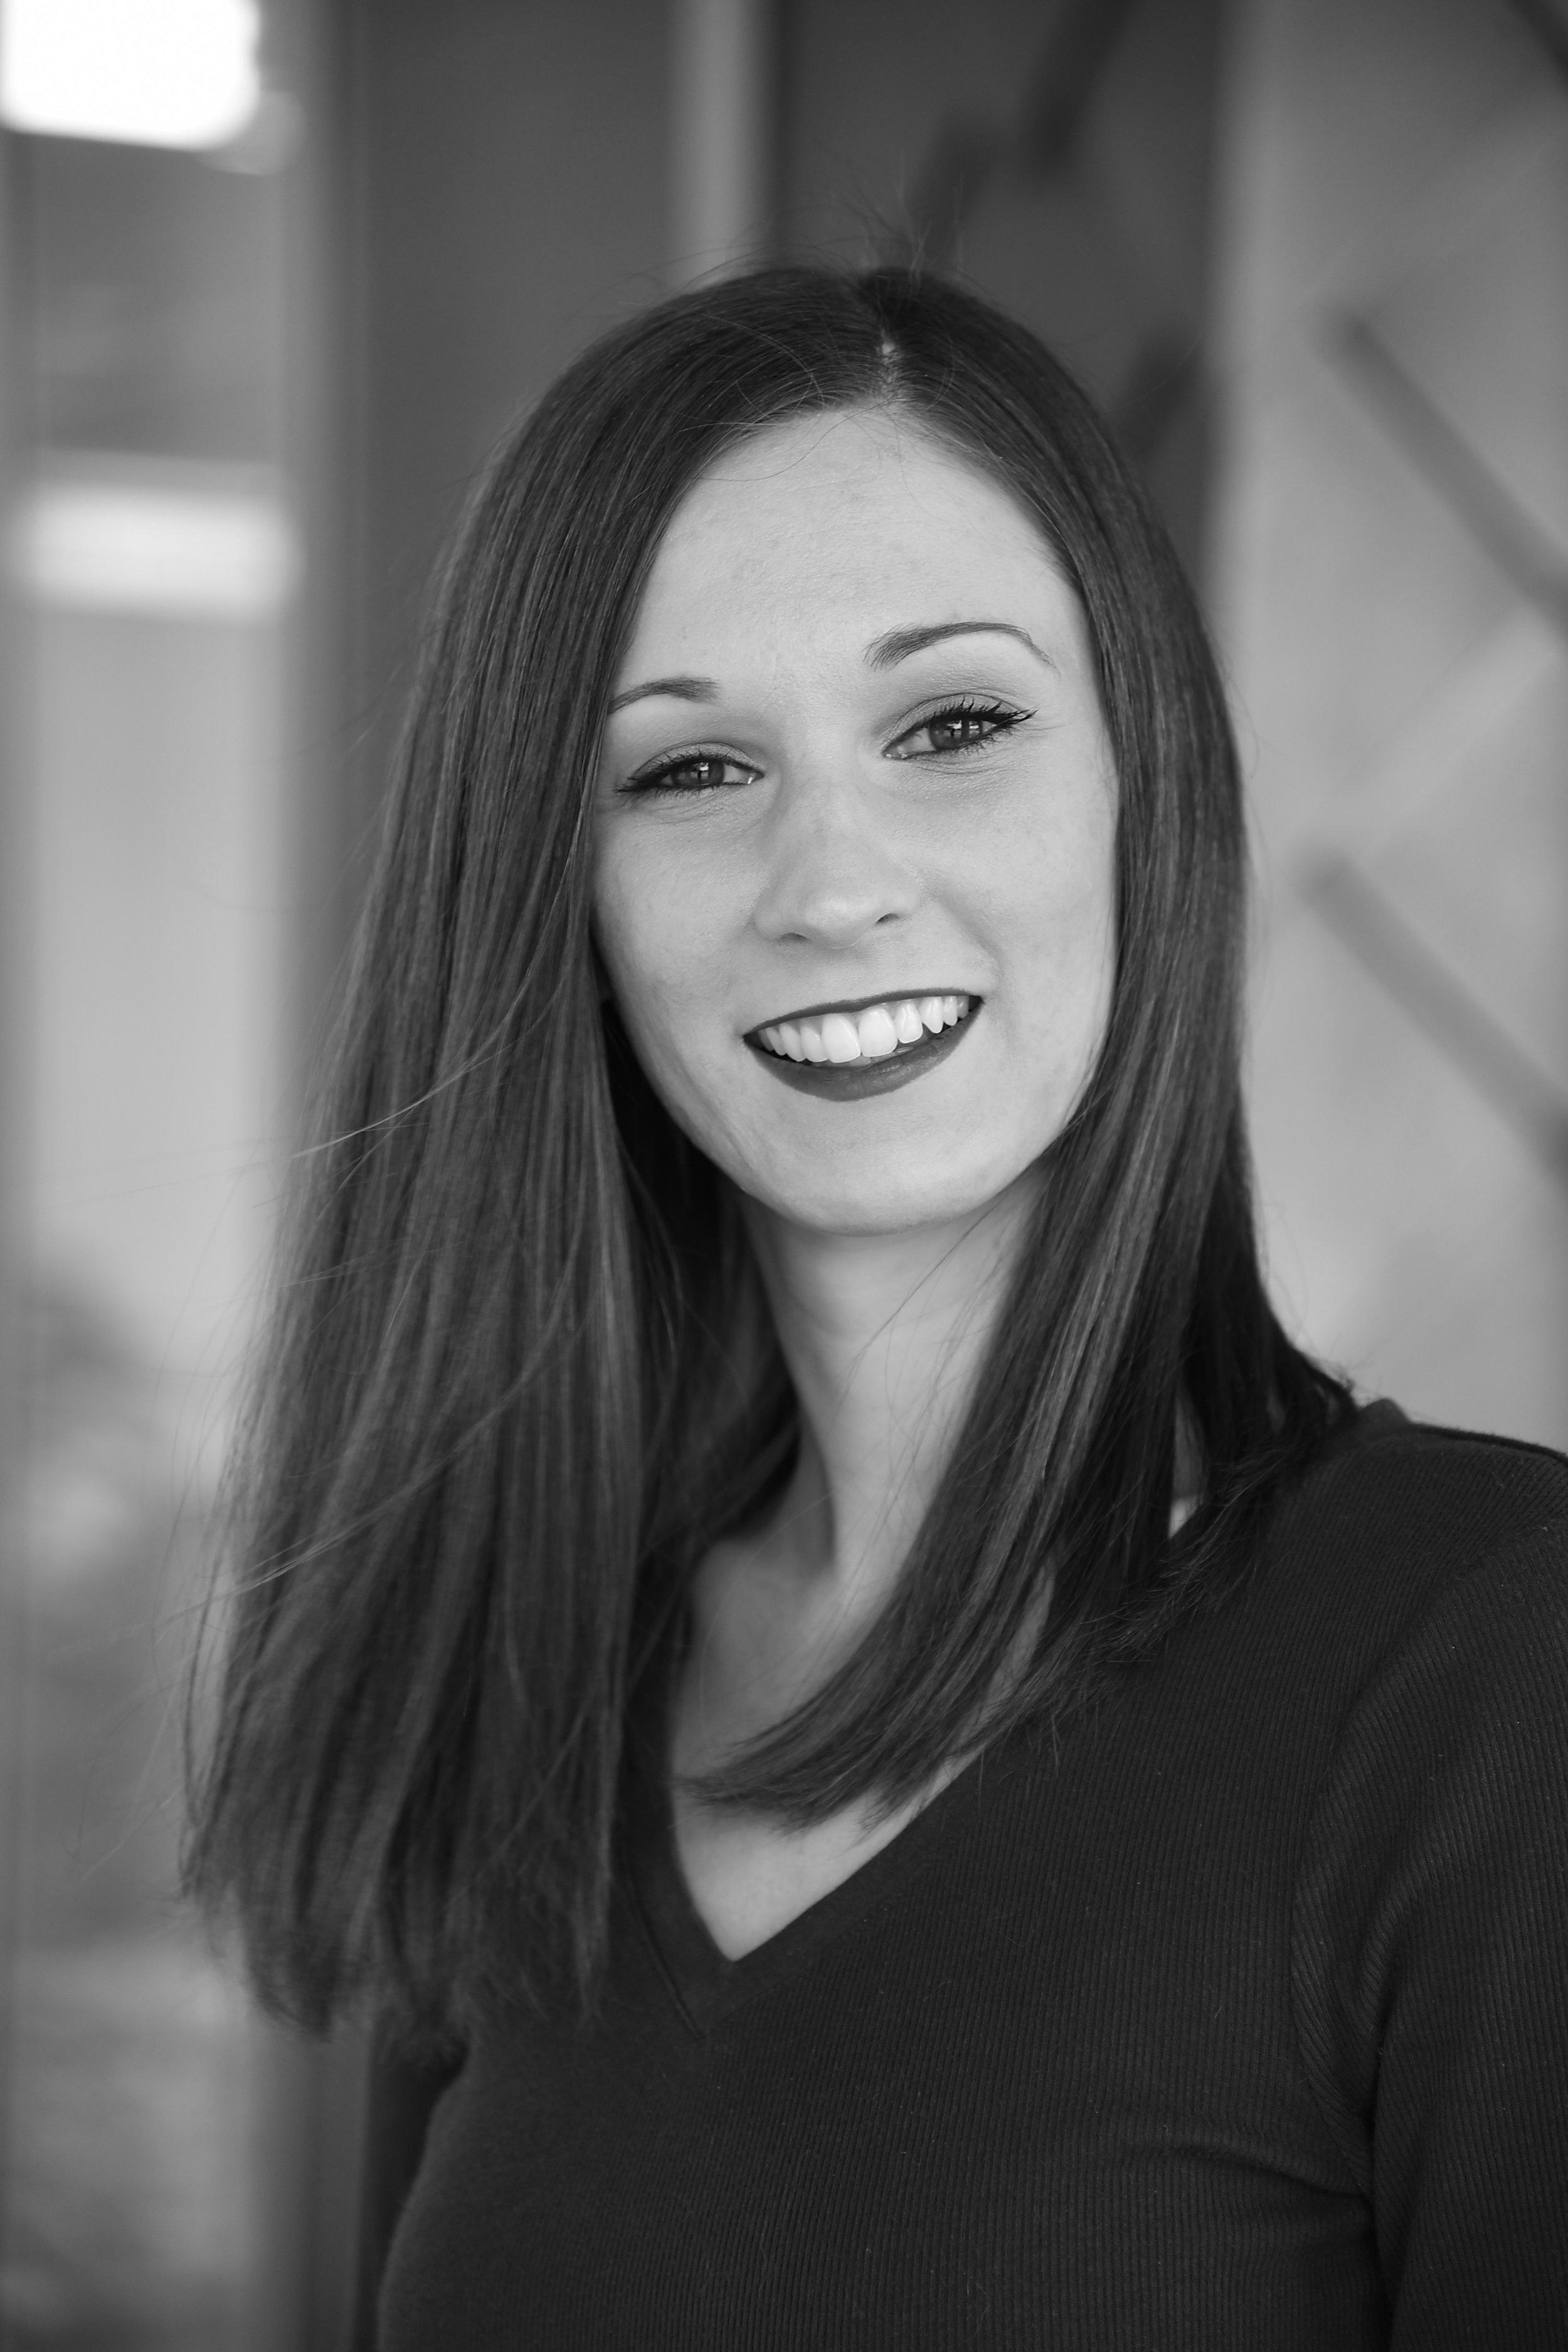 Kirsten Ashley Wiest